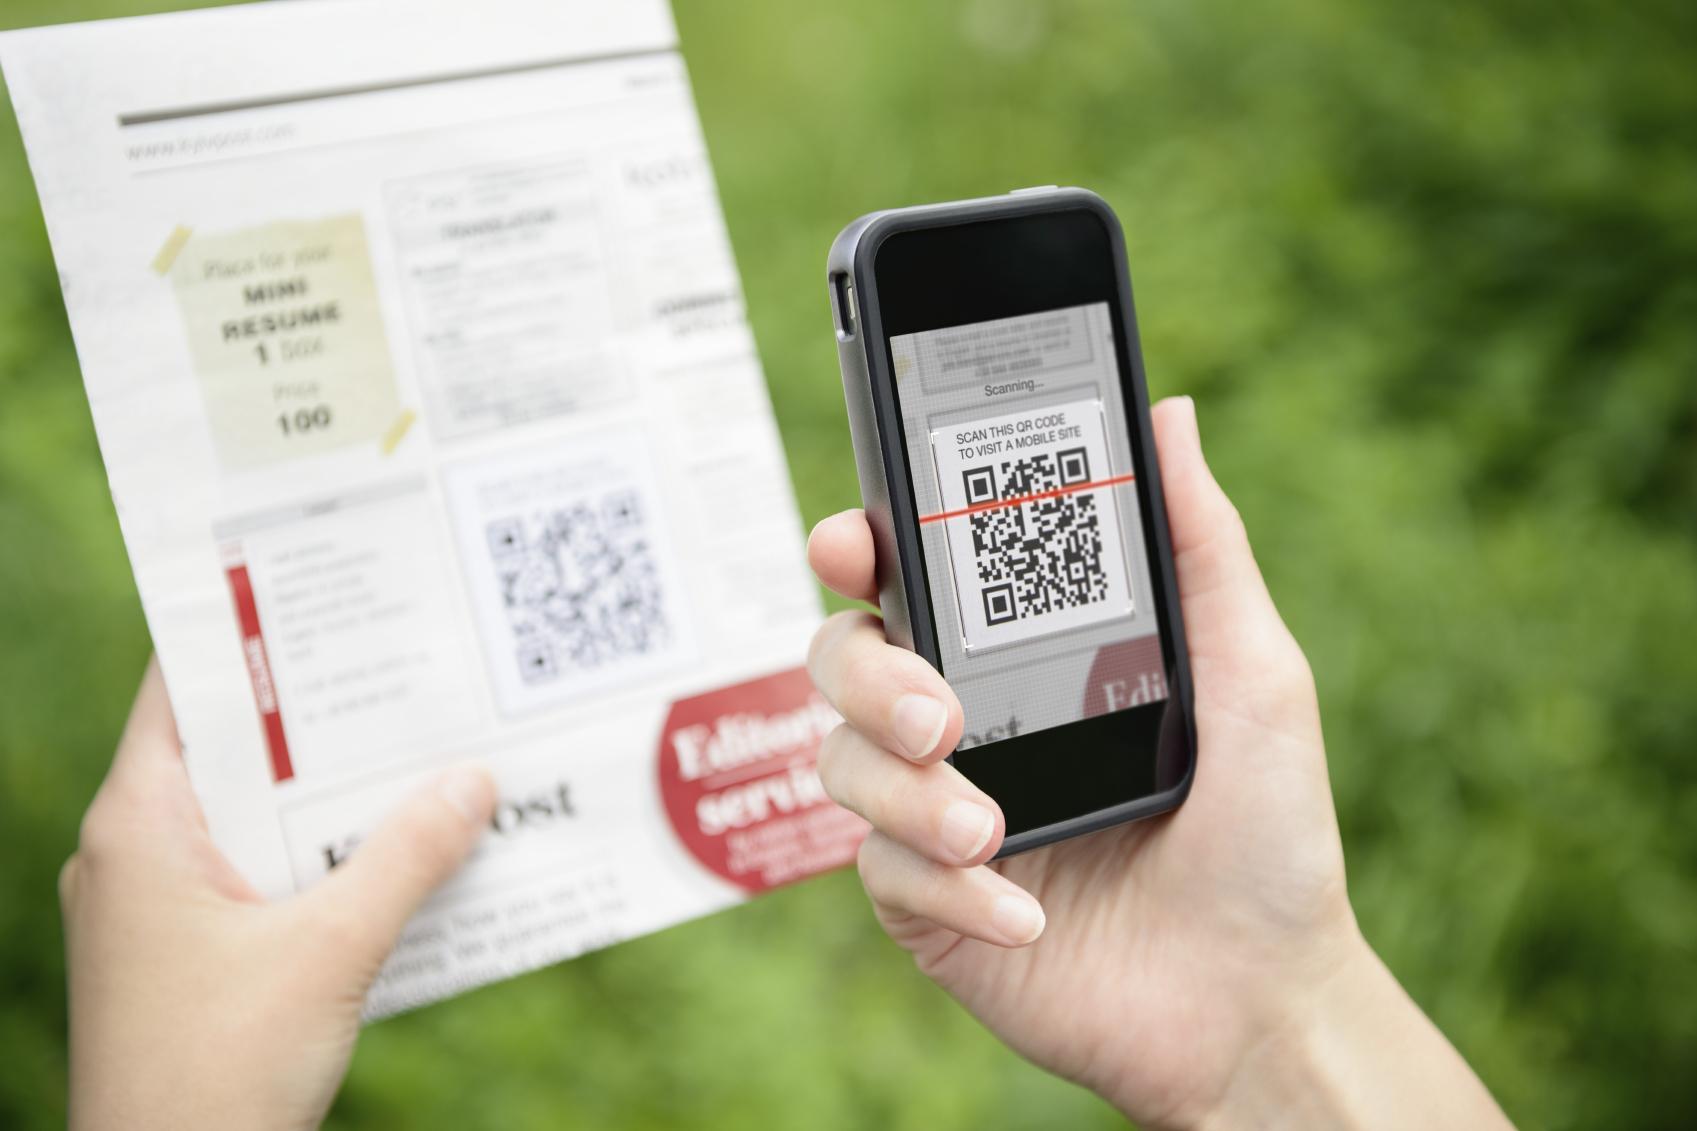 Qr Code Scannen Smartphone